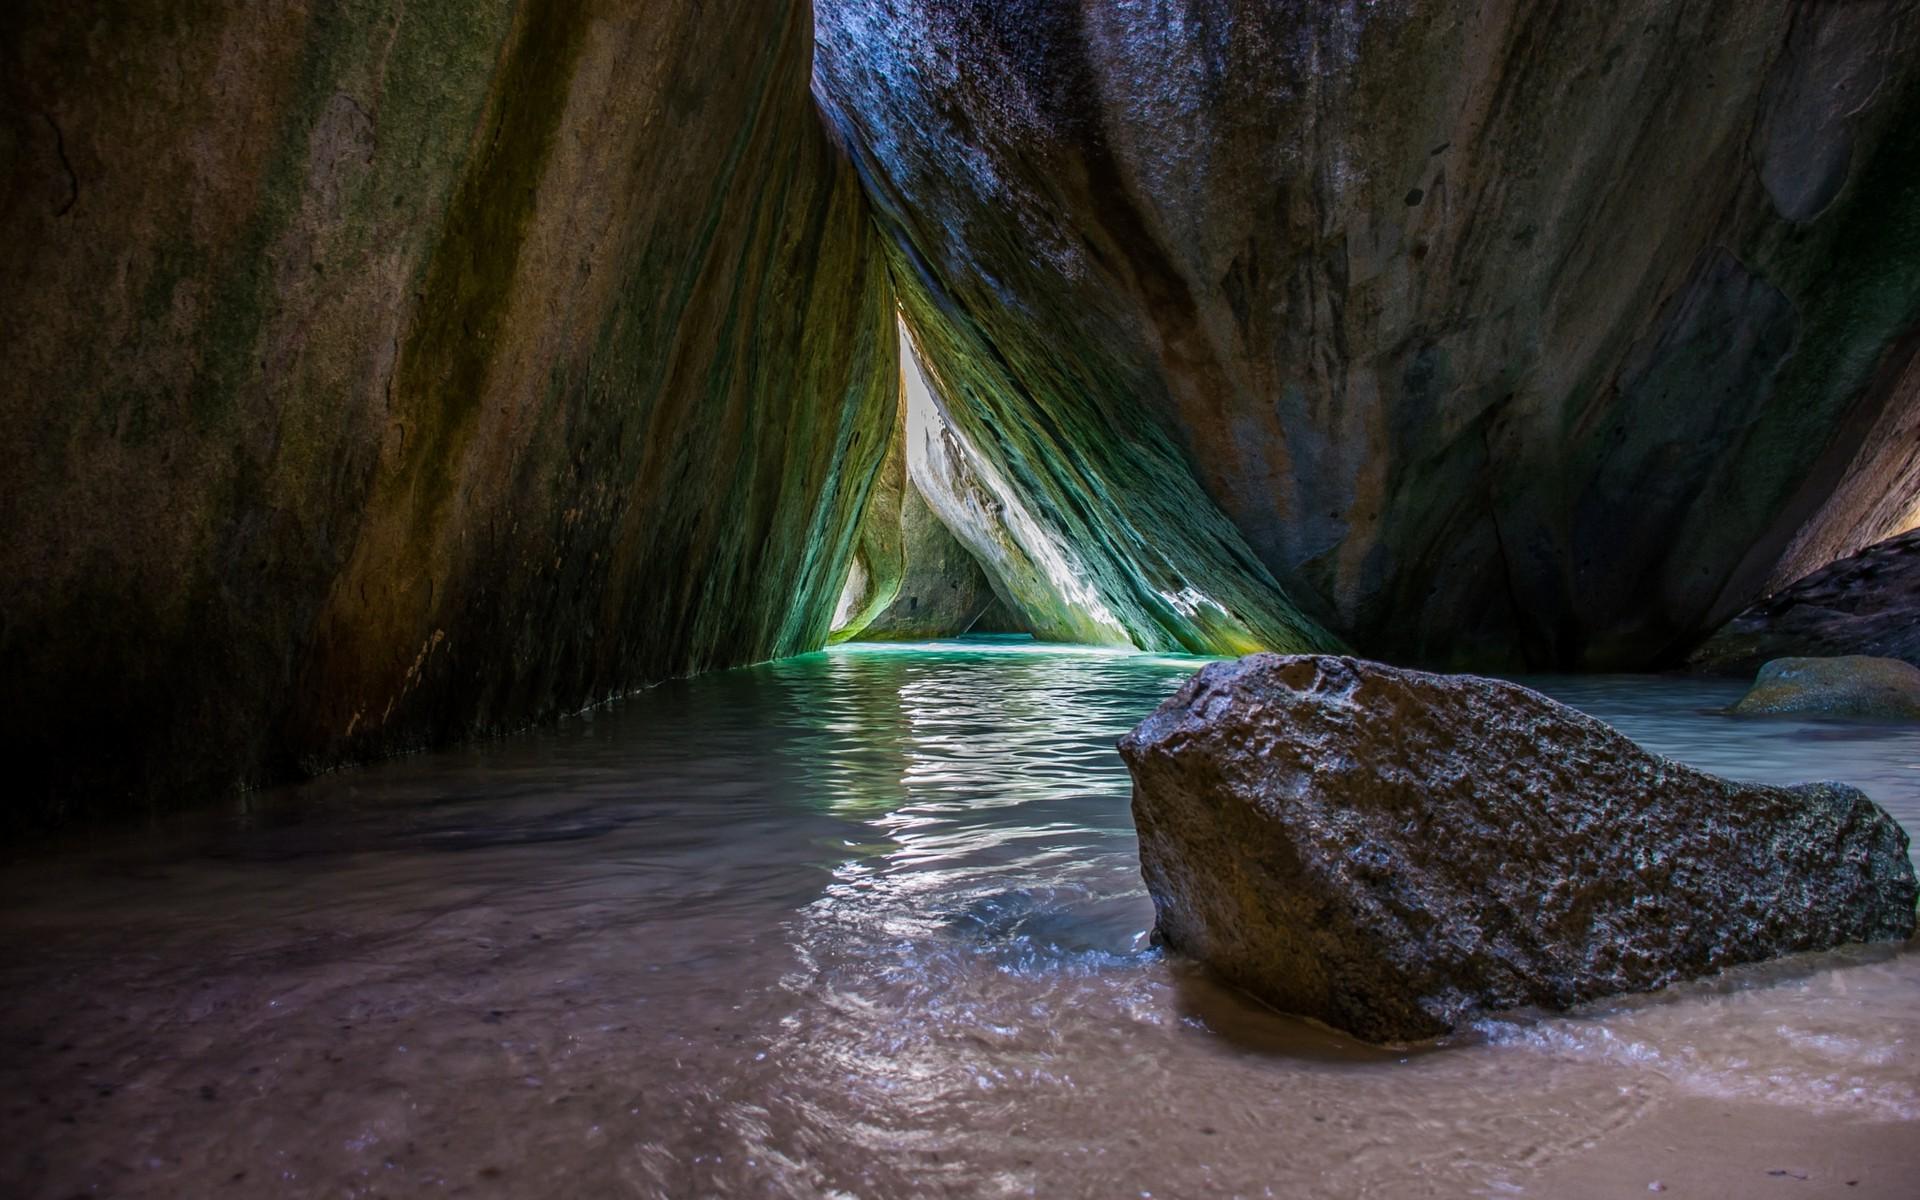 поздравления остров в австралии фото пещера имела ввиду